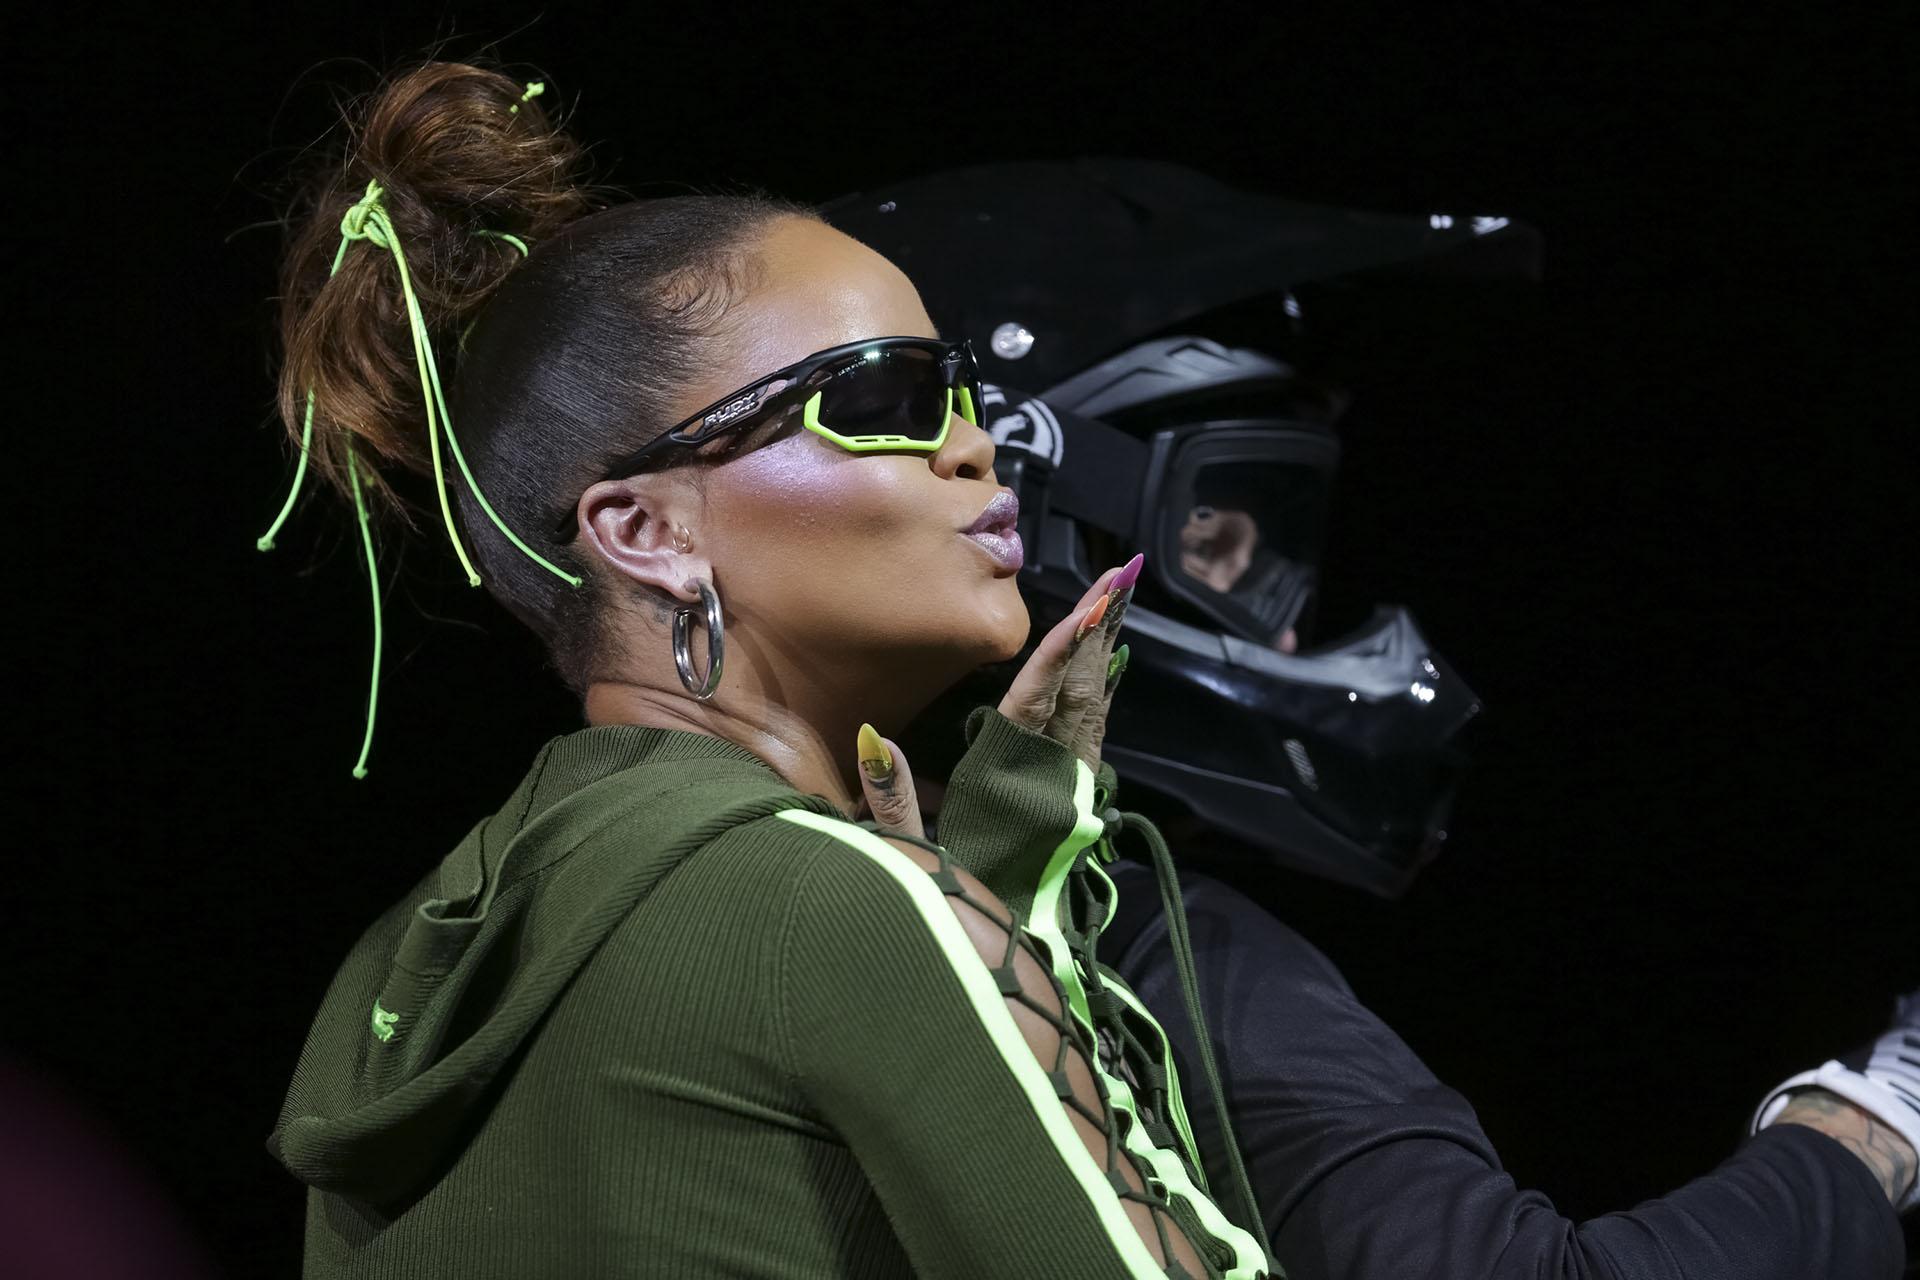 La diseñadora Rihanna, encargada de cerrar el gran espectáculo visual y escénico en Park Avenue(Photo by Brent N. Clarke/Invision/AP)